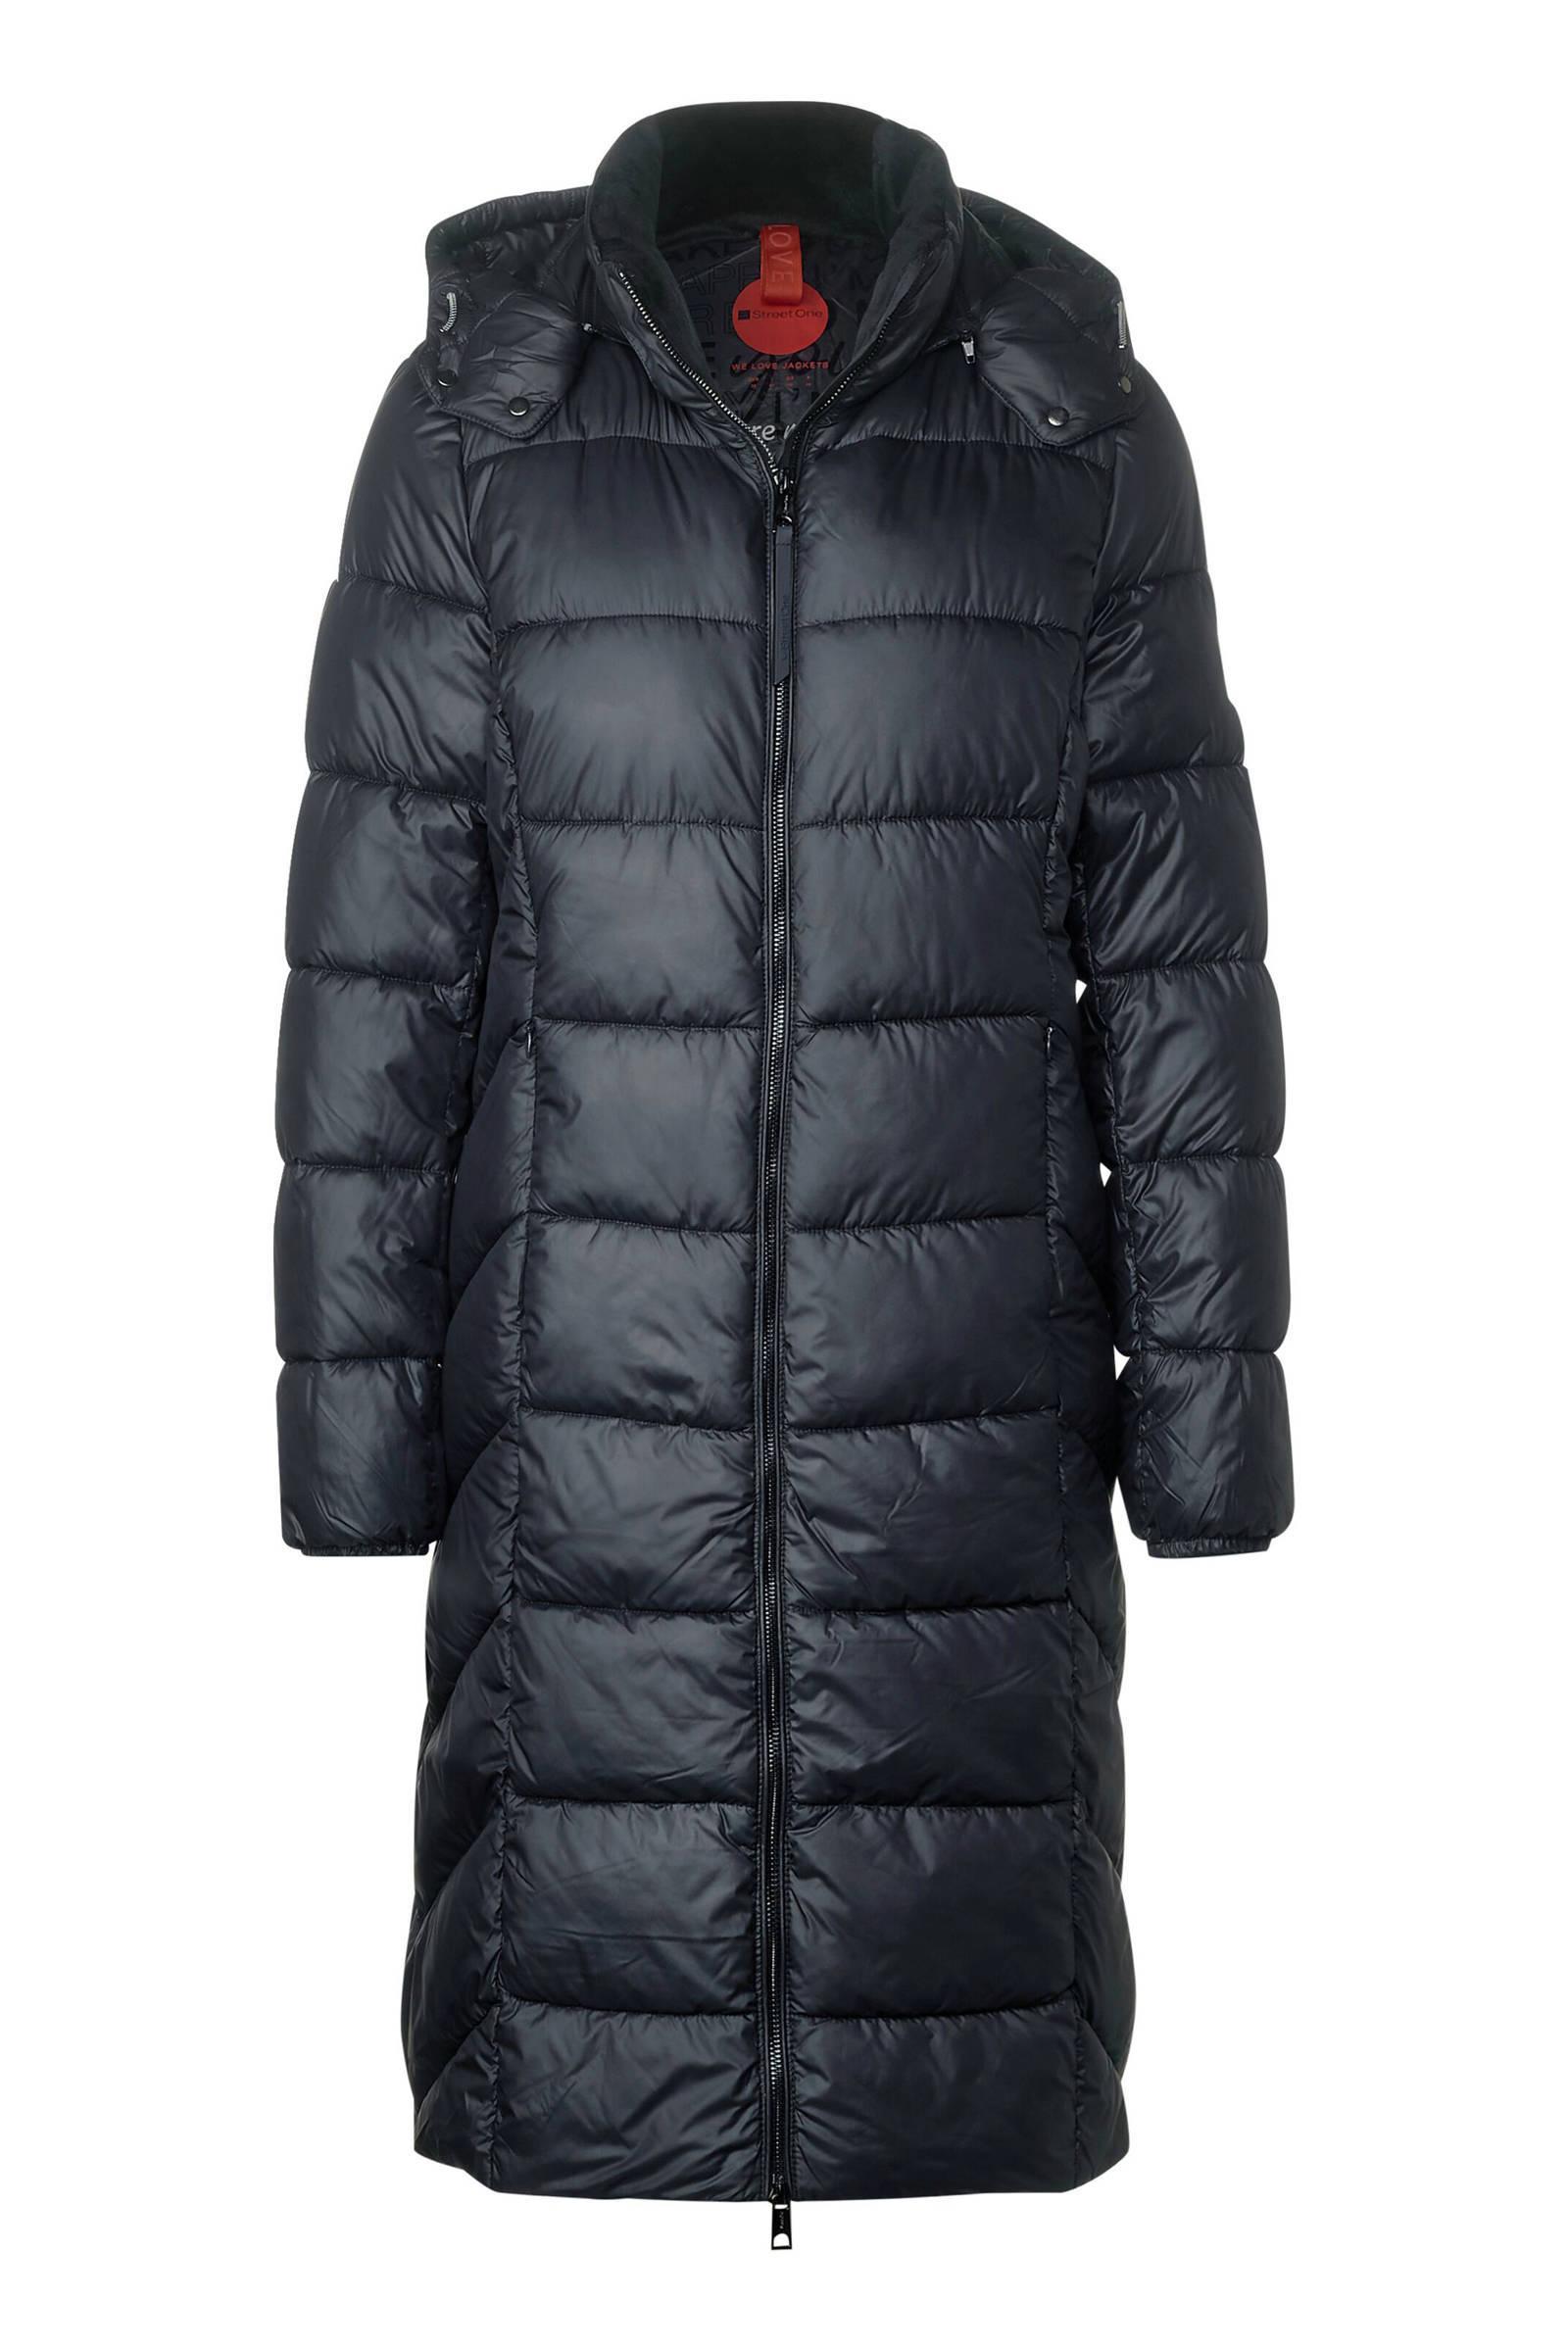 Street One gewatteerde jas donkerblauw | wehkamp